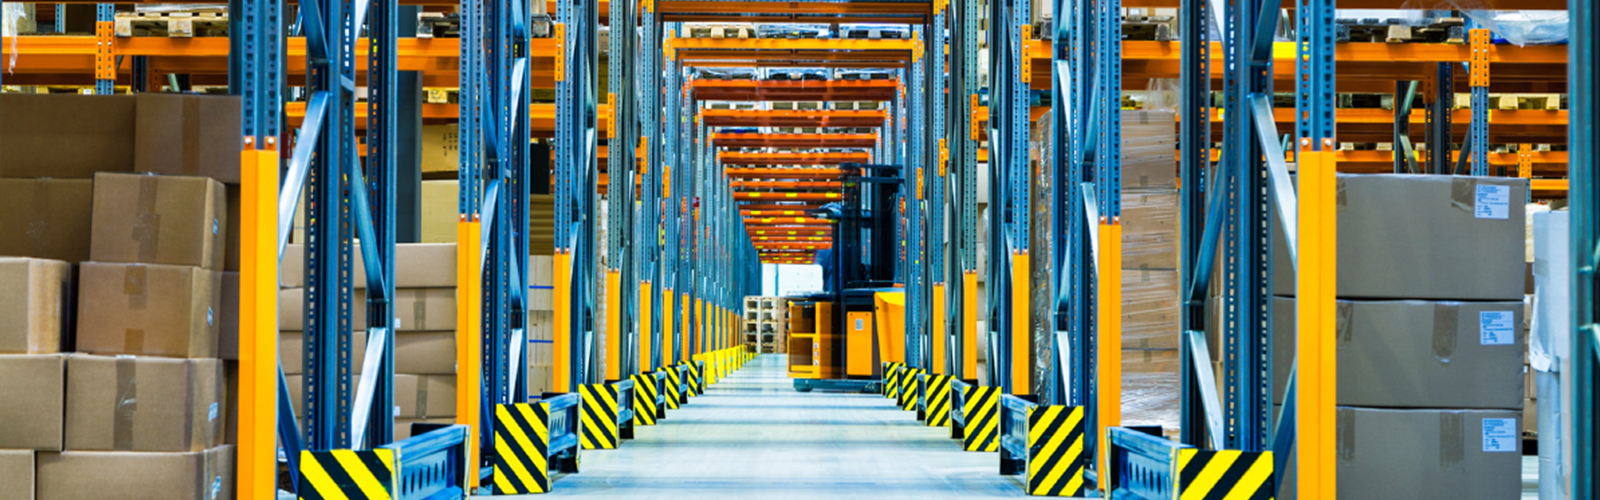 Vendor Management Inventory Program